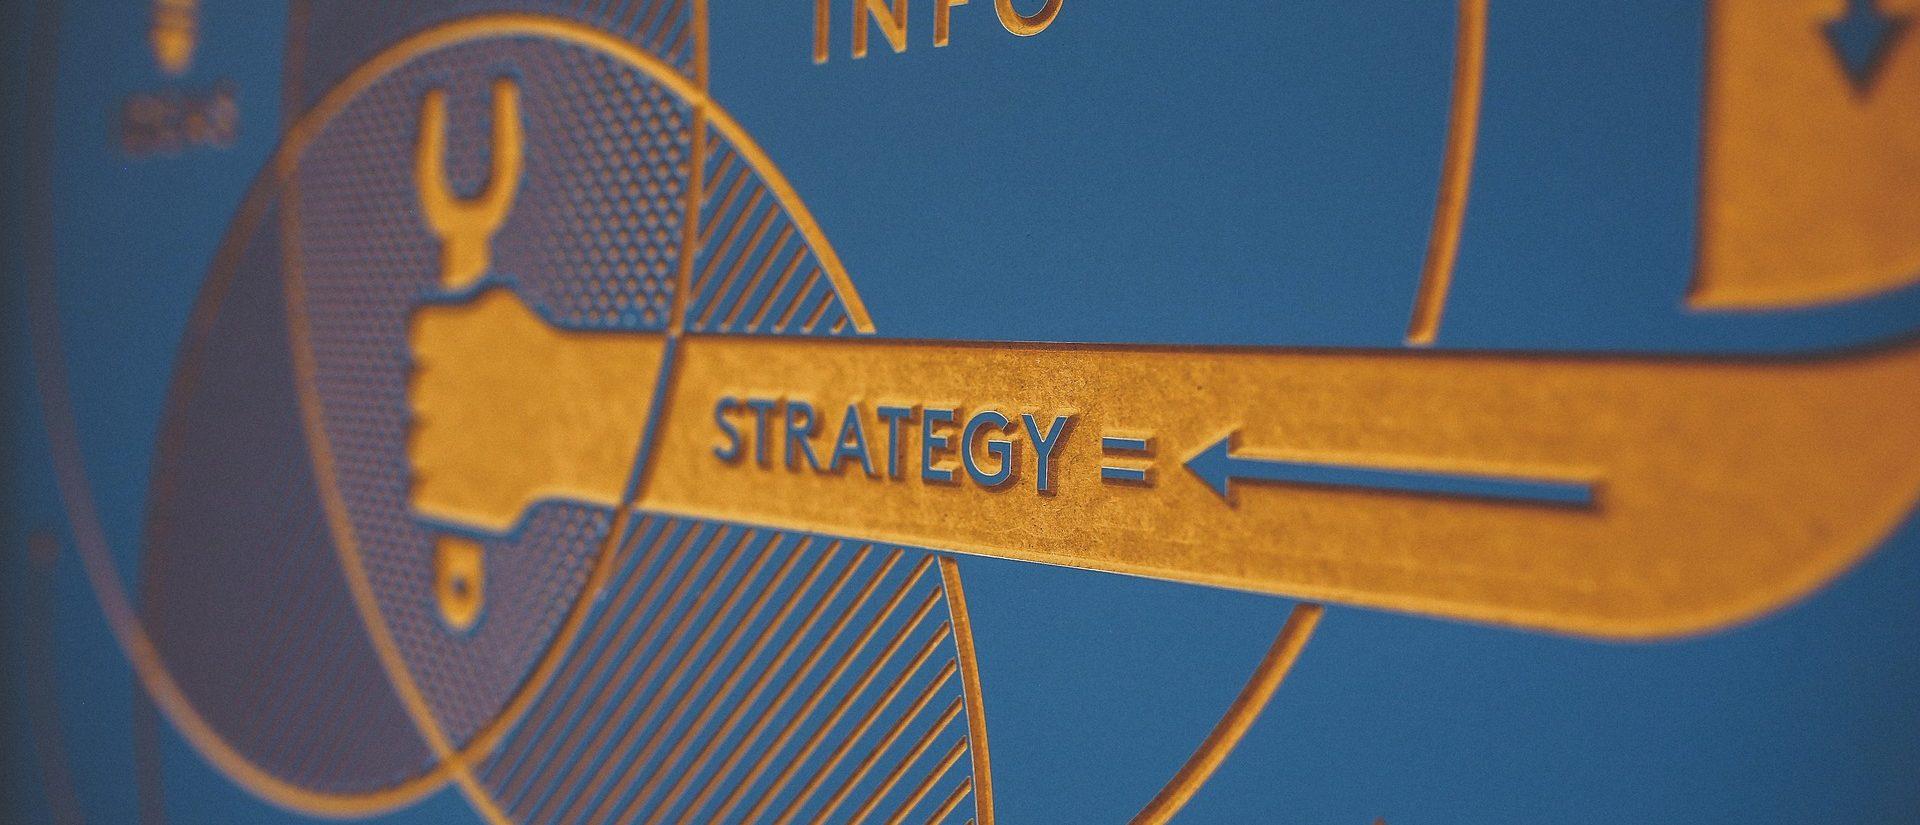 DXプロジェクトにおけるガバナンスの必要性とは? ~価値実現にフォーカスしたモニタリング&コントロールの仕組み~